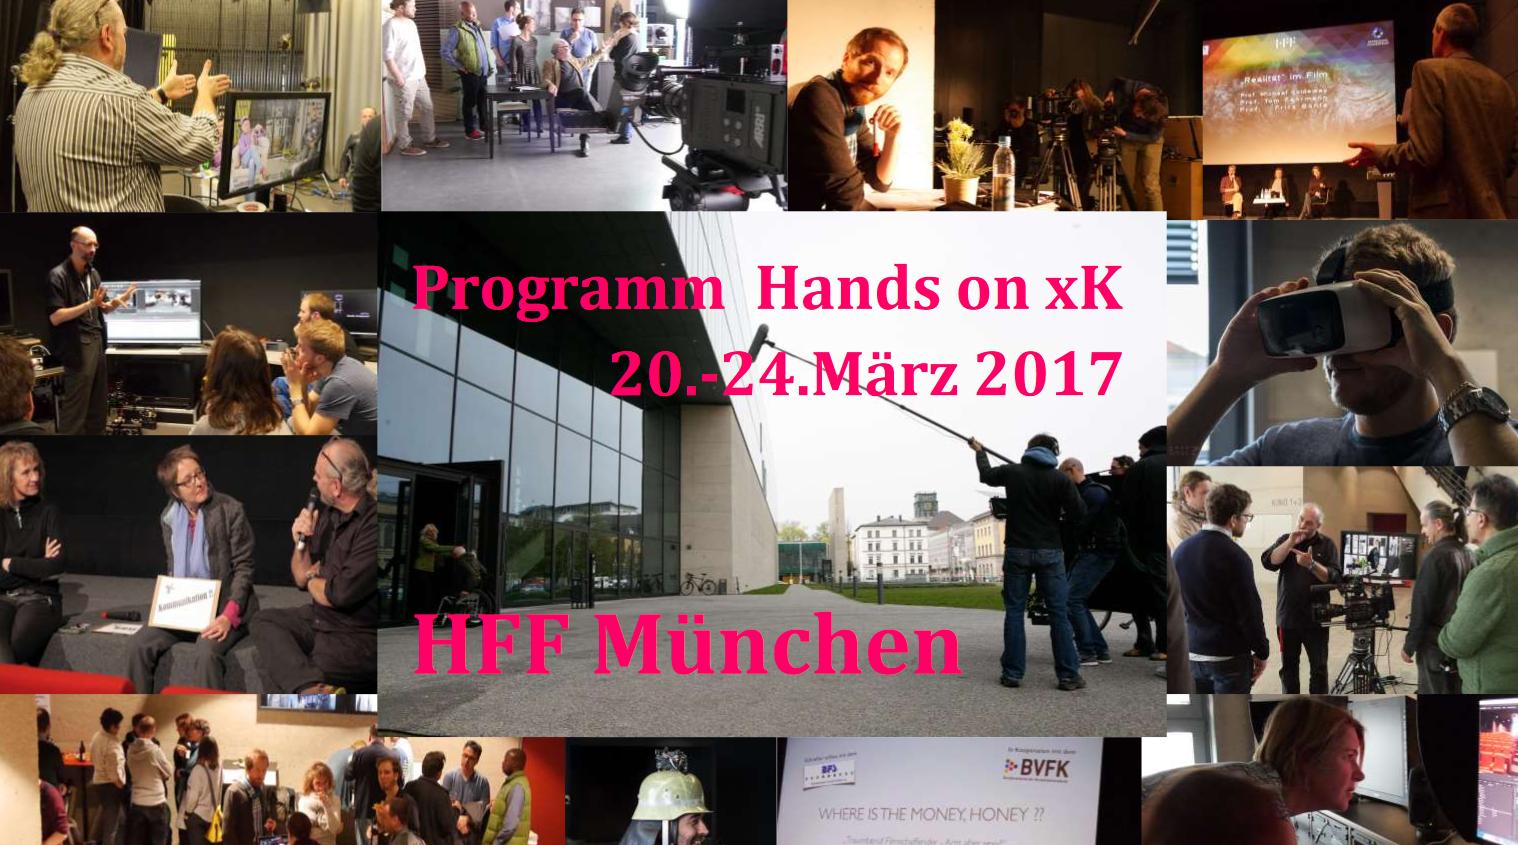 Hands on xK HFF München